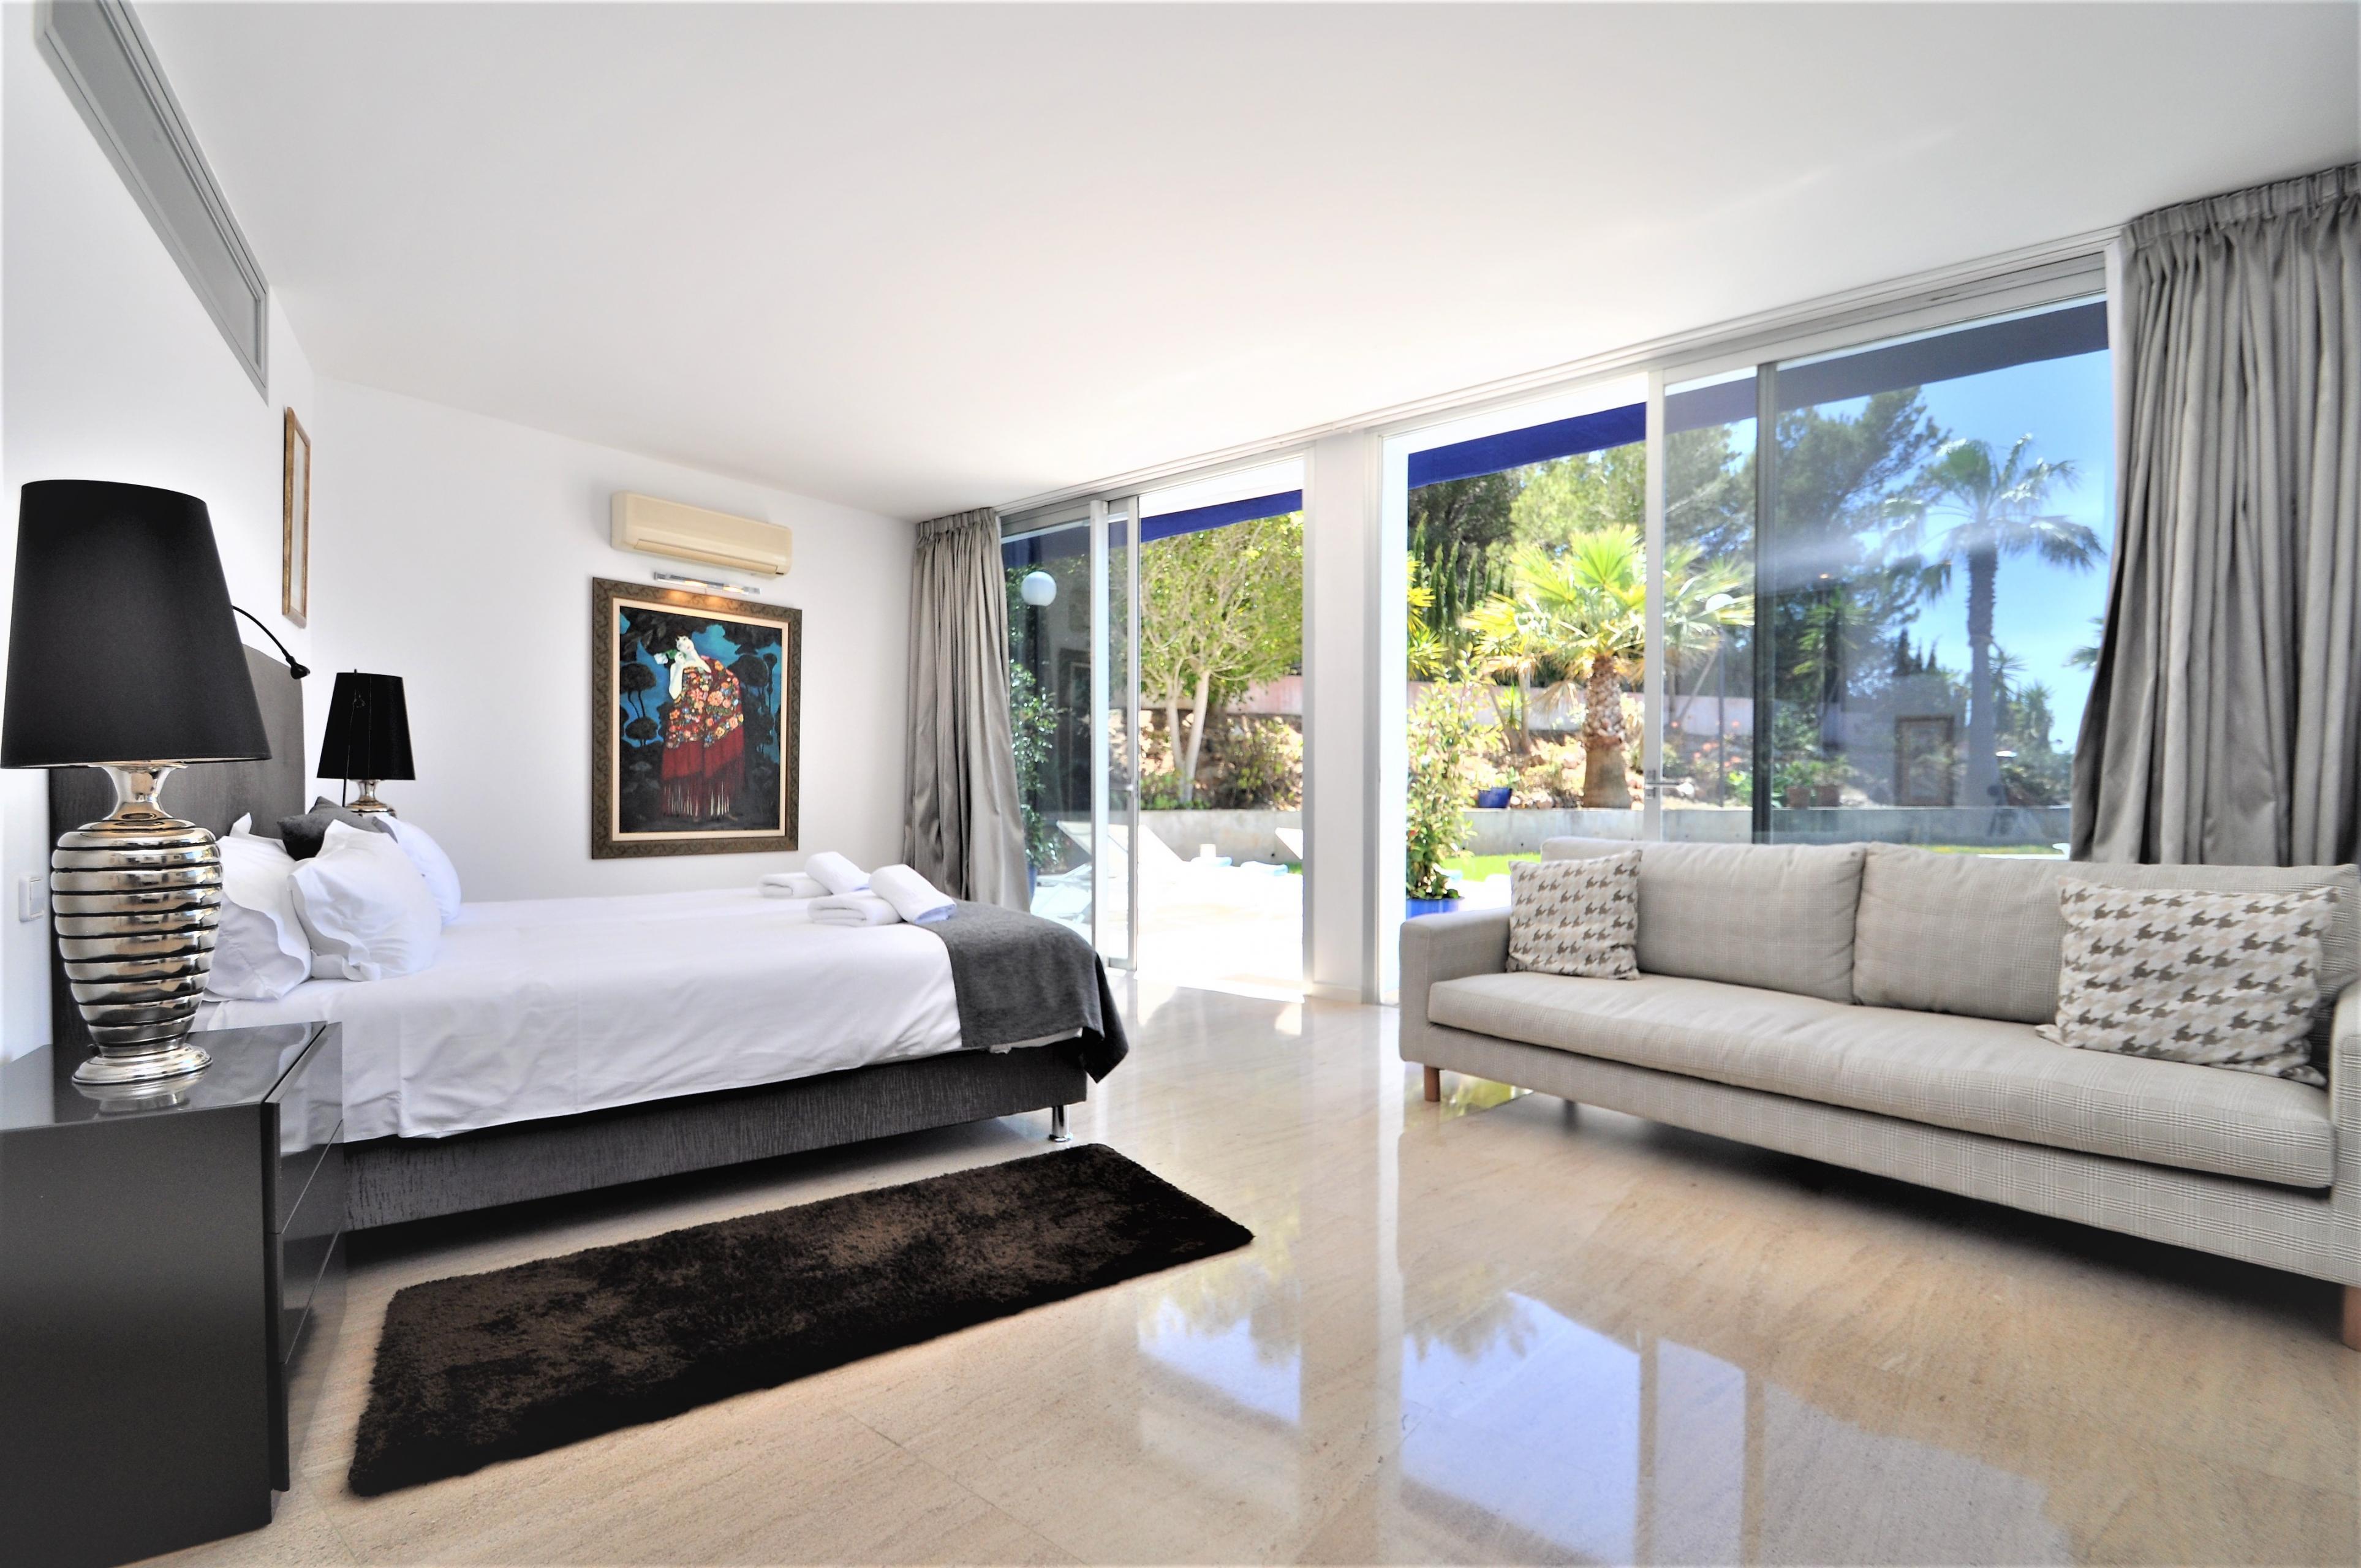 Maison de vacances VILLA BAY BLUE- Bahia Azul- Mallorca - VILLAONLINE - Kostenloses WLAN (2684052), Bahia Azul, Majorque, Iles Baléares, Espagne, image 30